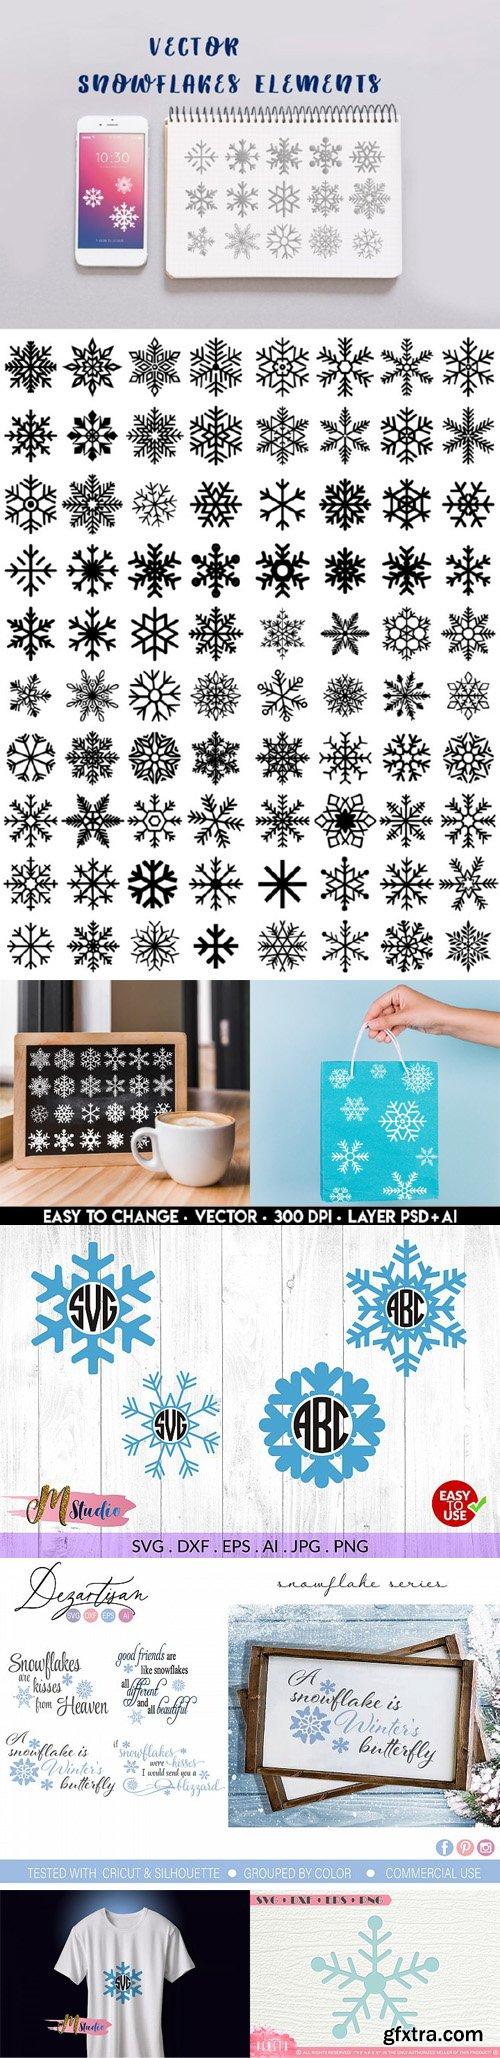 Vector Snowflakes Elements Bundle [Ai/EPS/SVG/DXF/PSD]